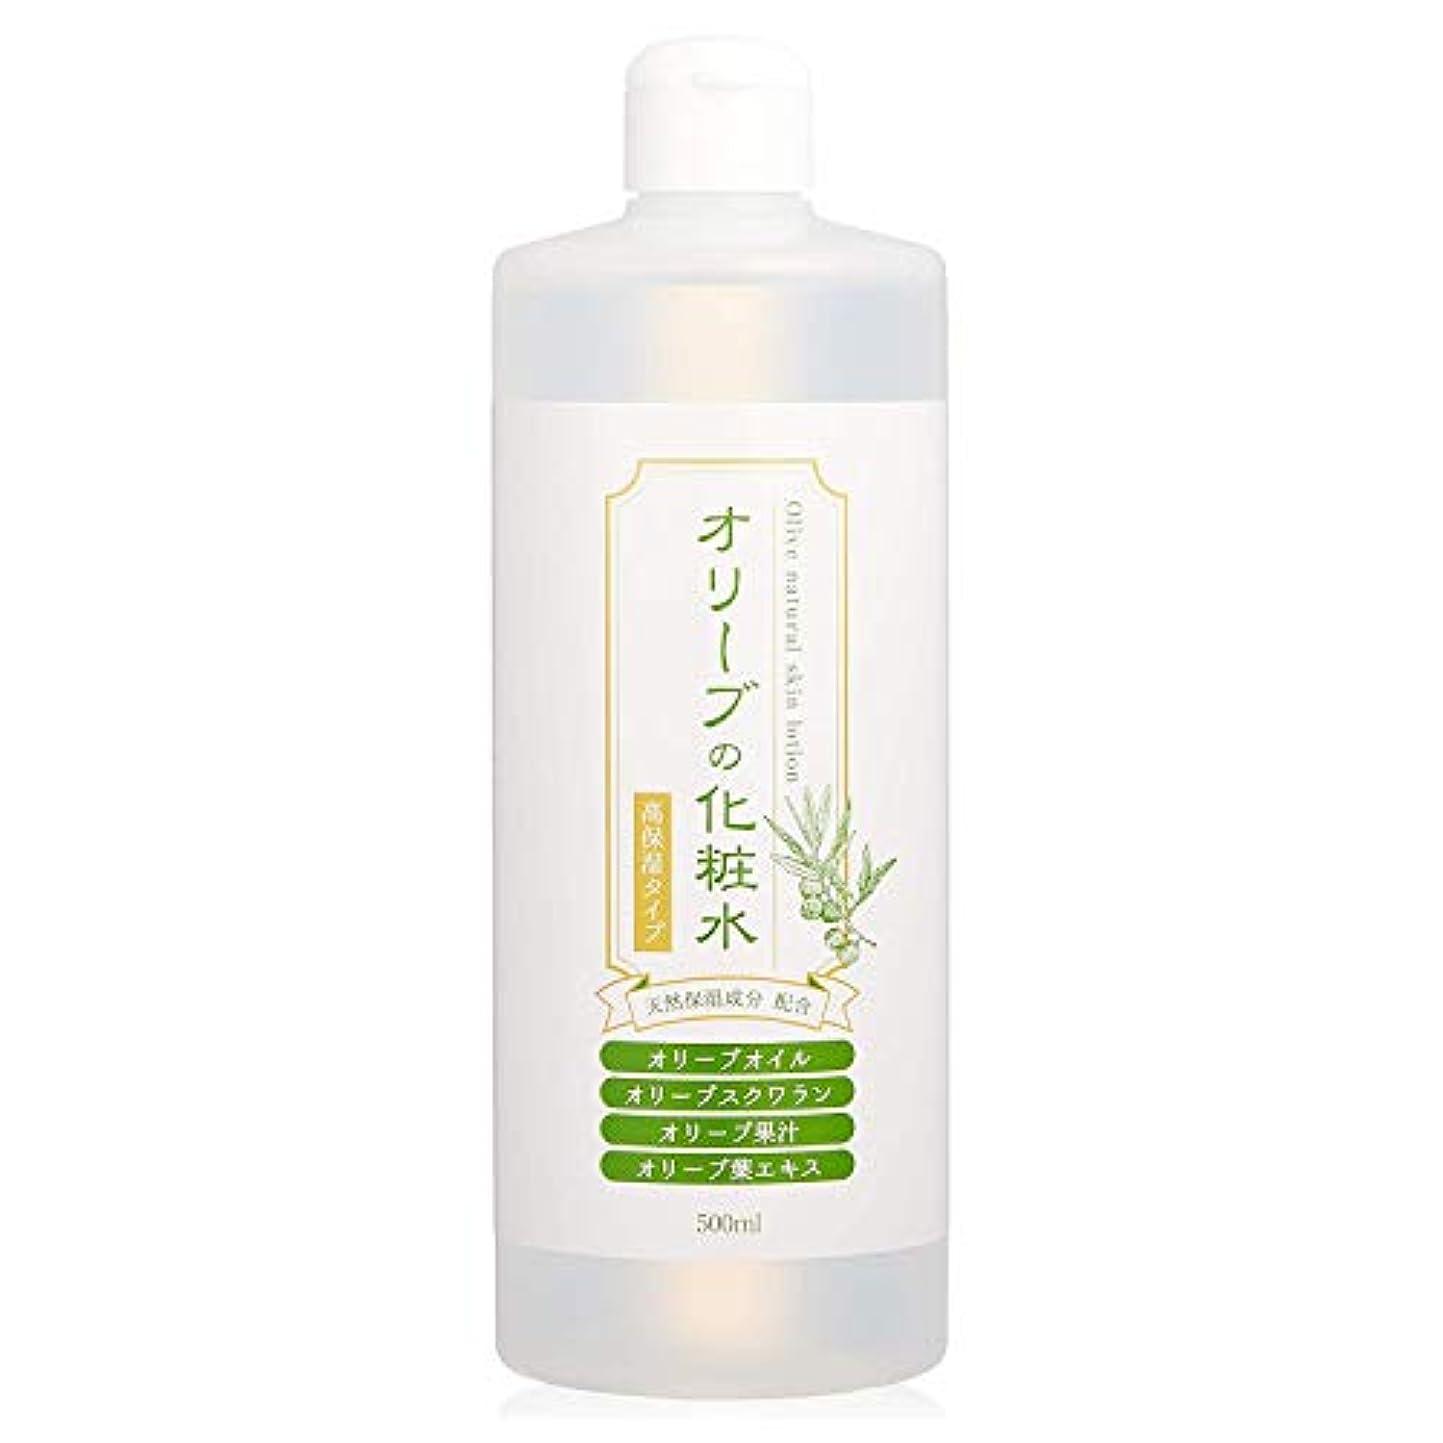 失敗ルーム鉱夫日本オリーブ オリーブクリアローション 〈オリーブの化粧水〉 (500mL)